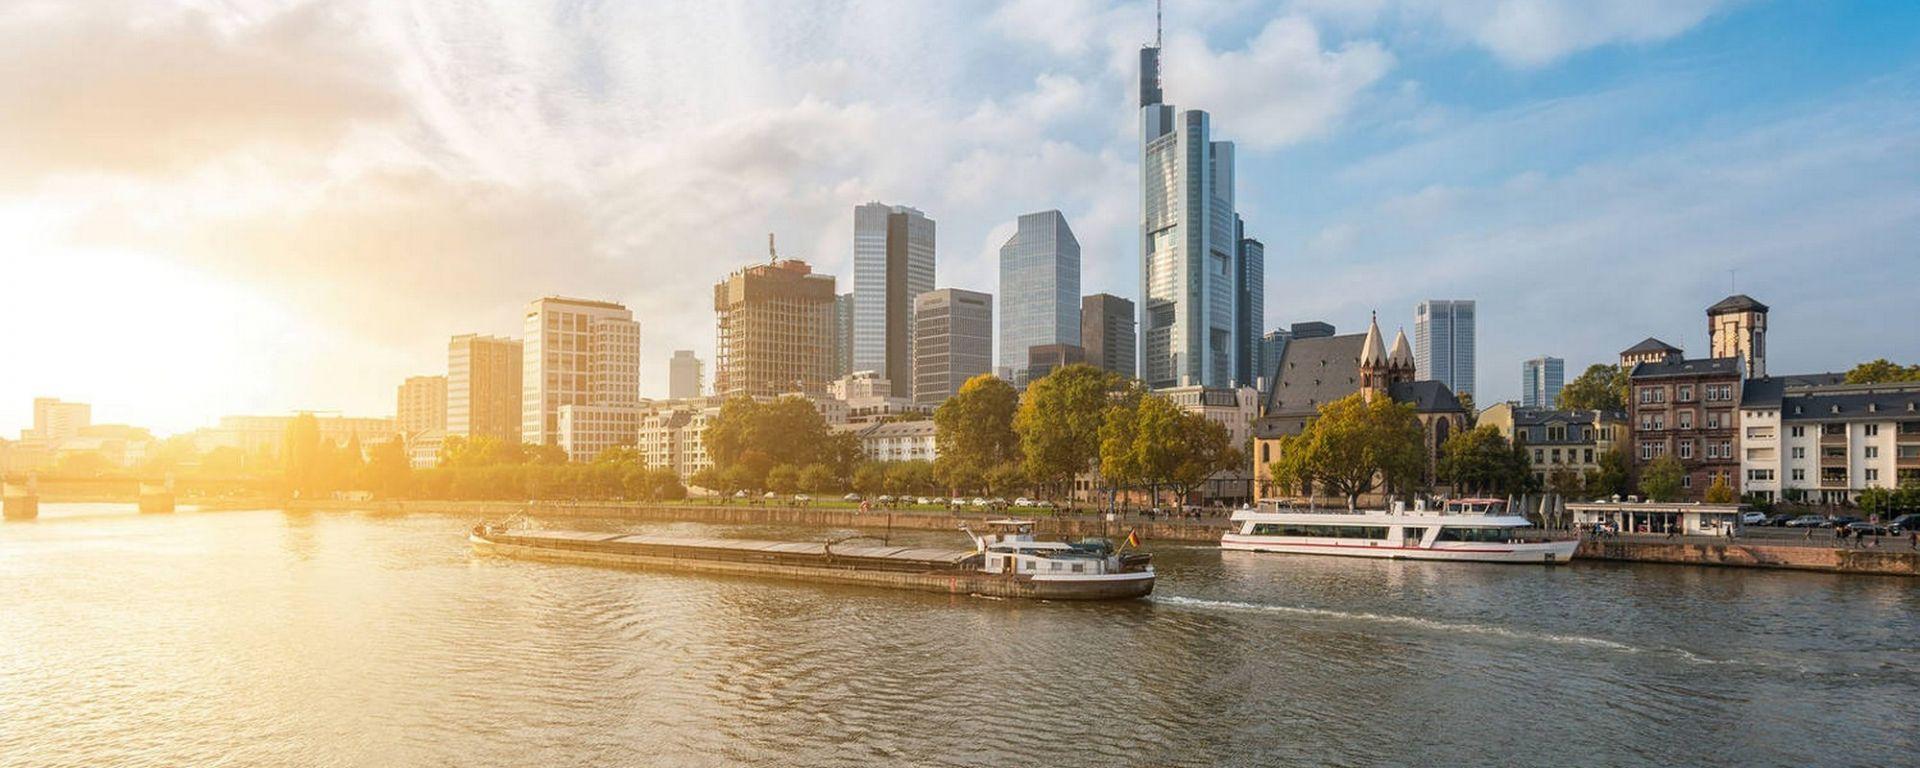 Auto diesel, anche Francoforte mette al bando gli Euro 5